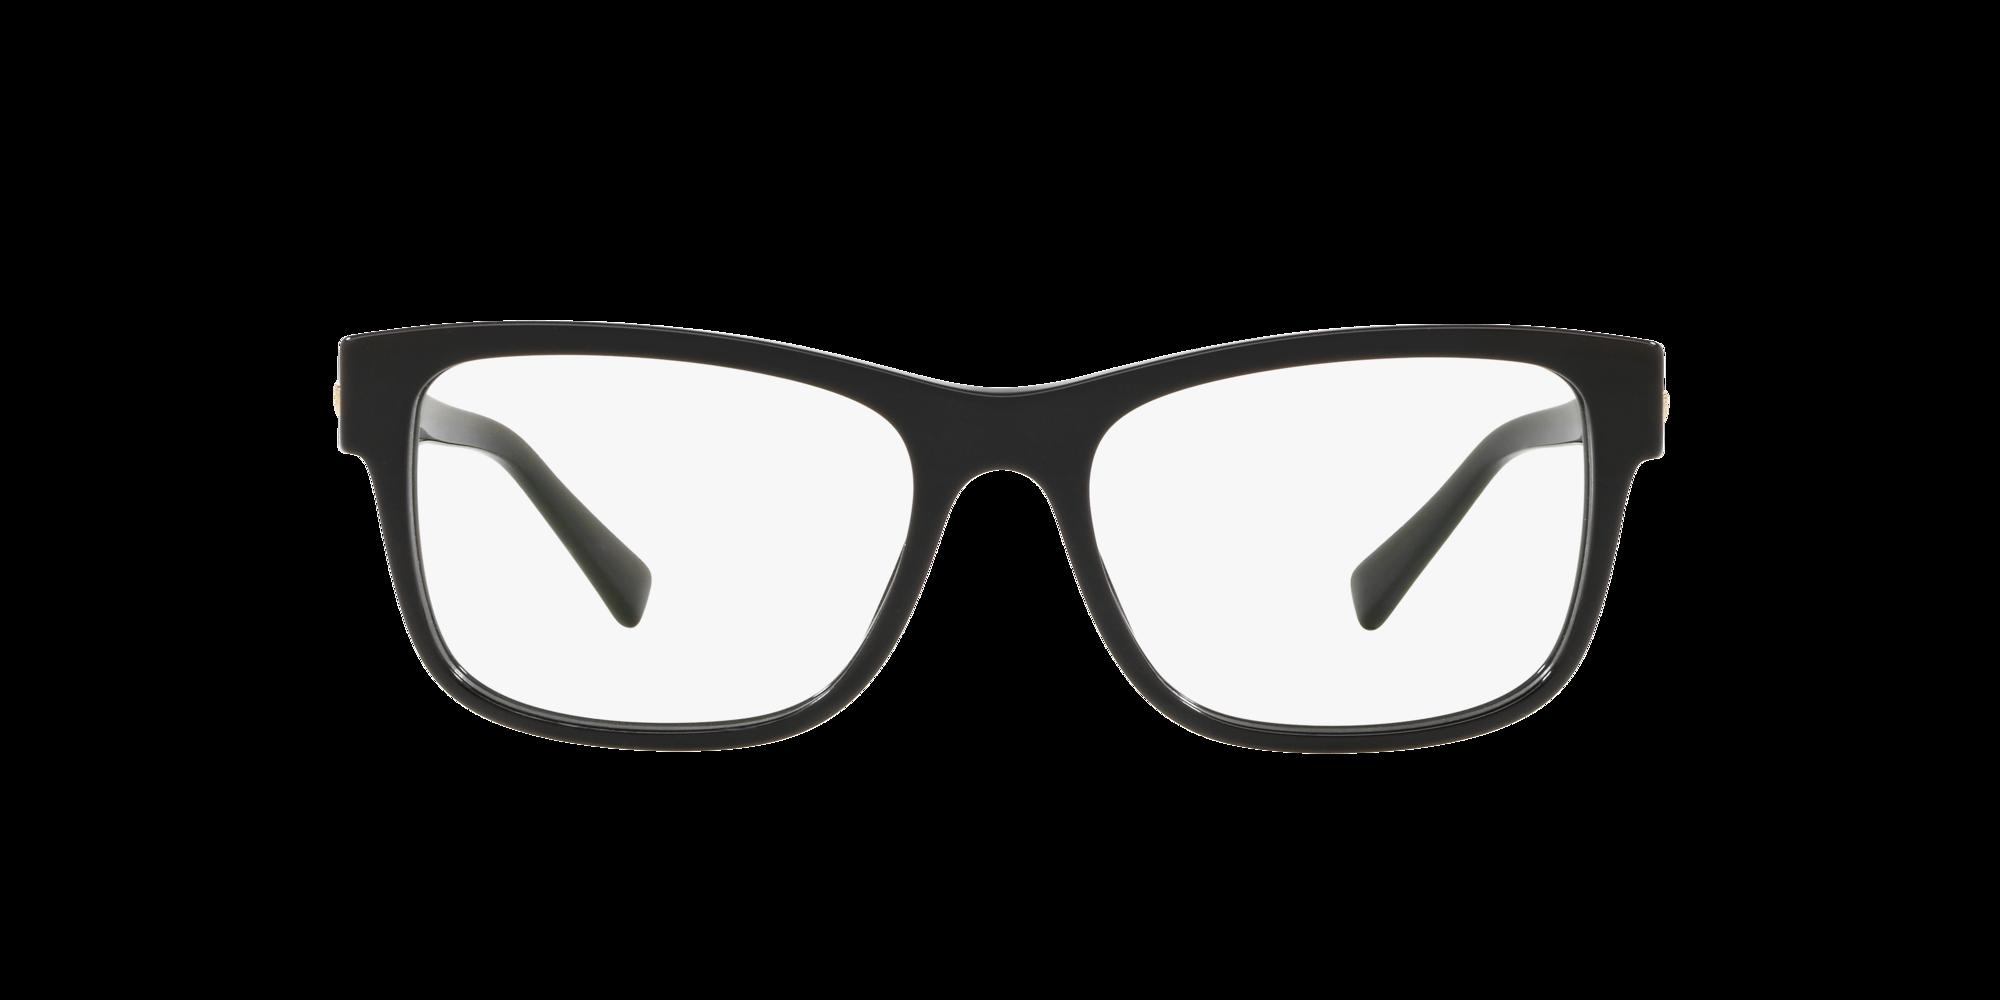 Imagen para VE3266 de LensCrafters |  Espejuelos, espejuelos graduados en línea, gafas